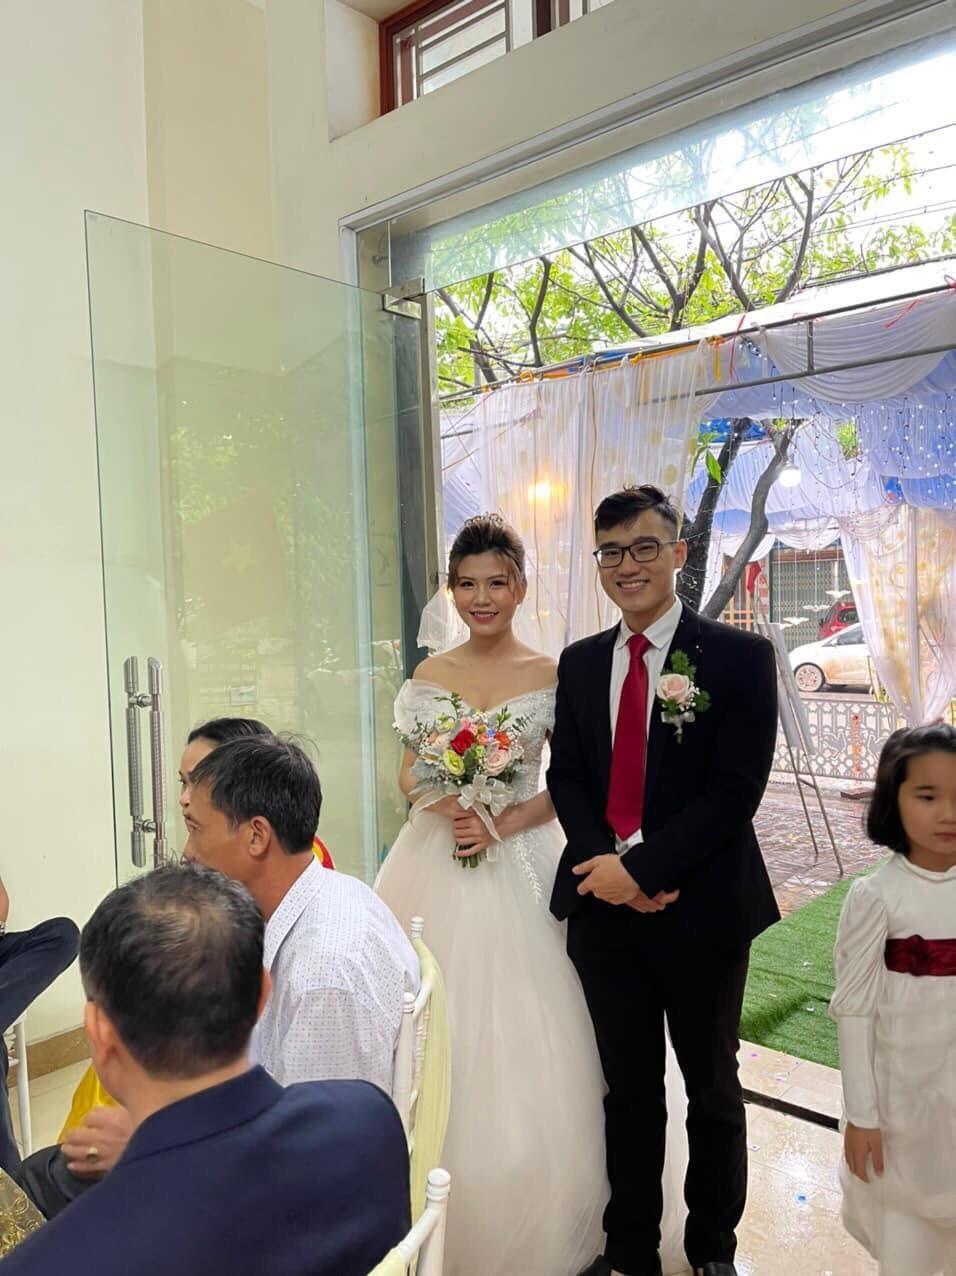 chuyện tình,tình yêu tuổi học trò,đám cưới,Bắc Giang